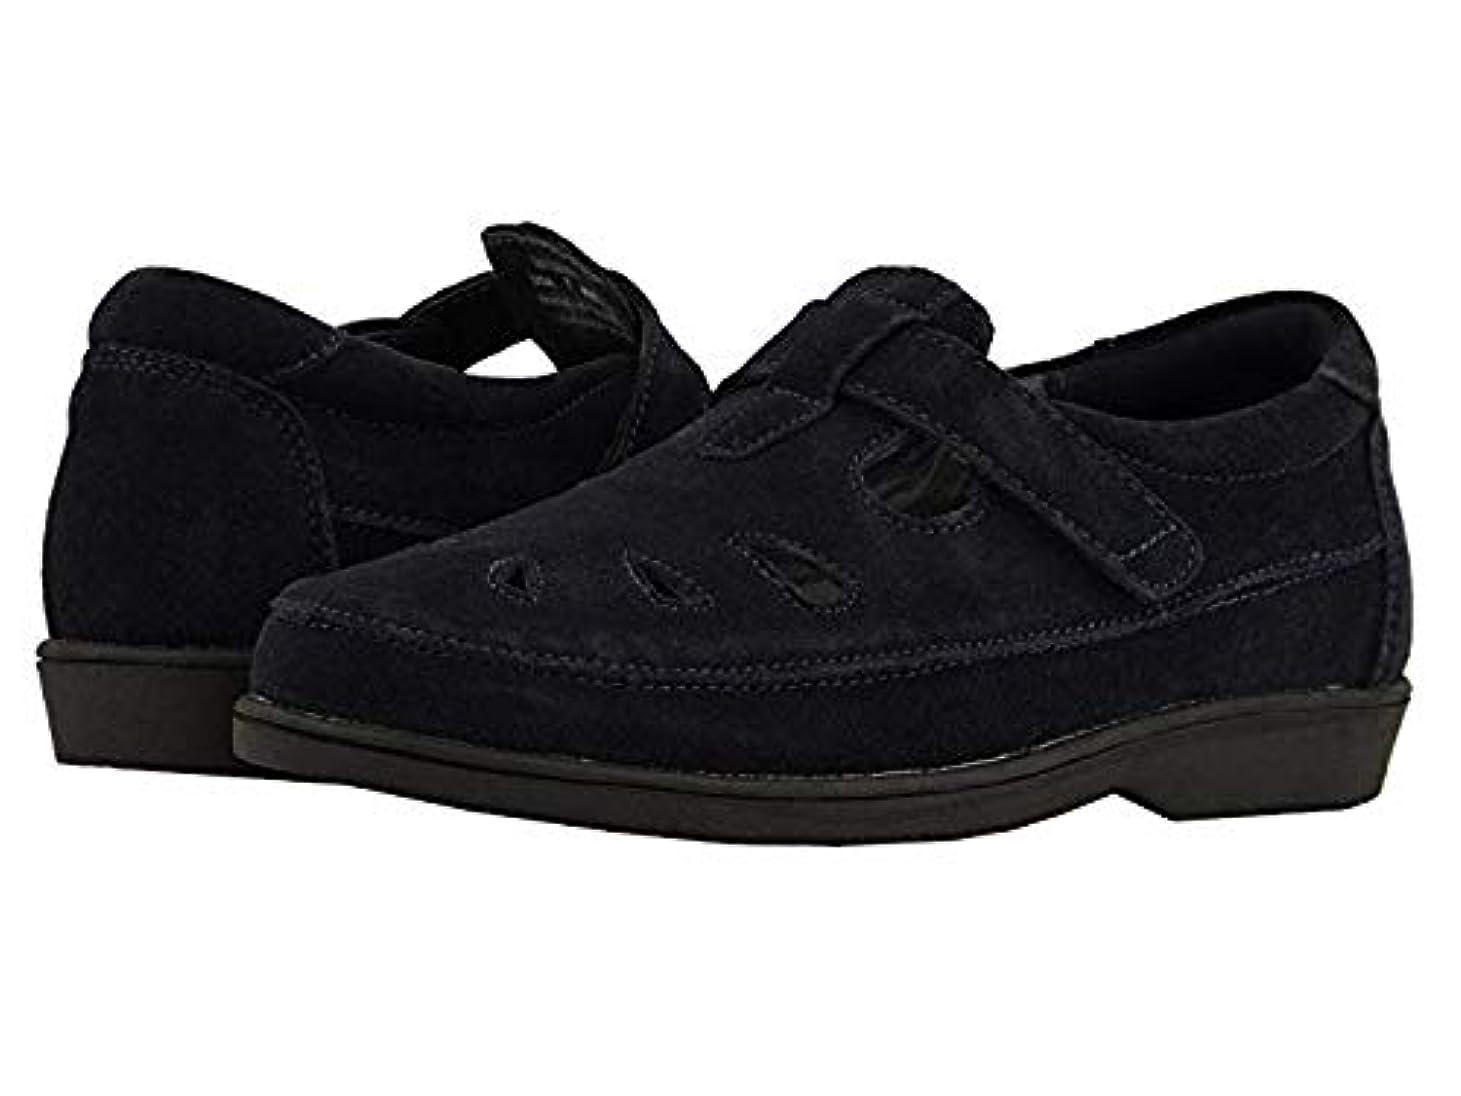 渇きオプションディスク[プロペット] レディースローファー?靴 Ladybug Navy Suede (27.5cm) M (B) [並行輸入品]